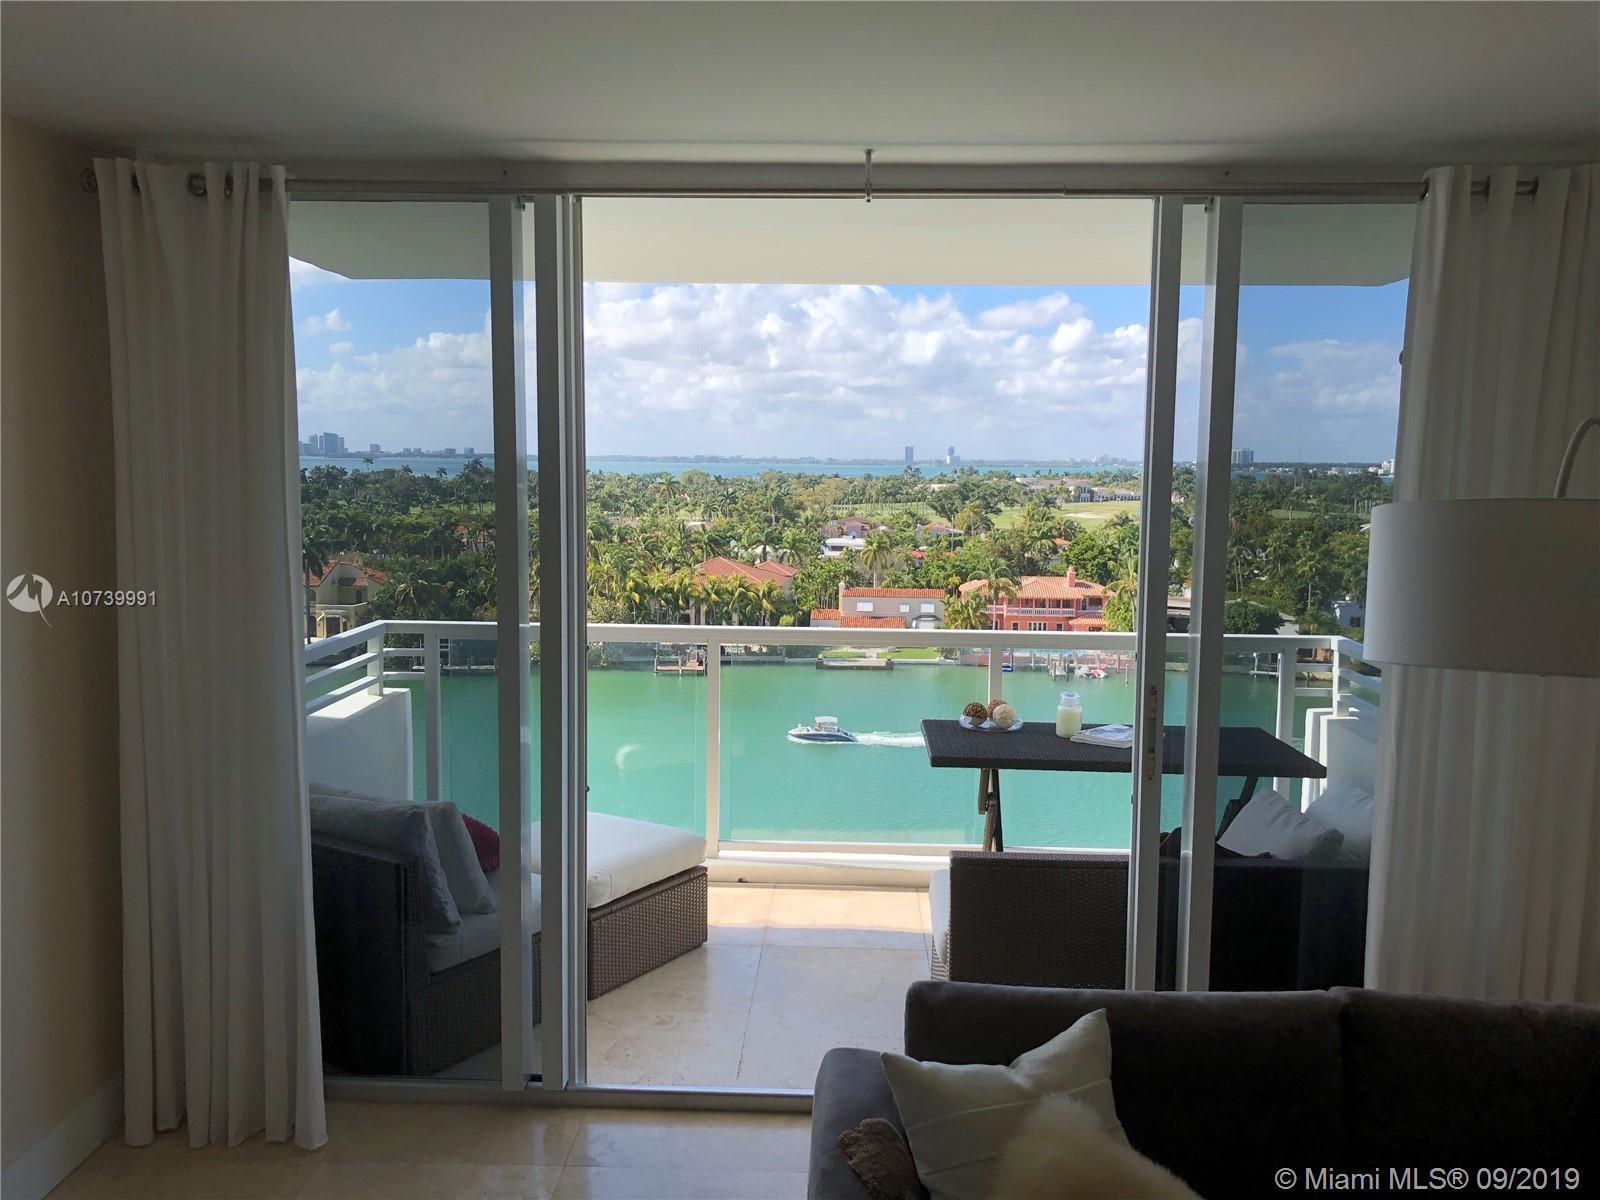 5600 Collins Ave. #10M, Miami Beach, FL 33140 - Miami Beach, FL real estate listing